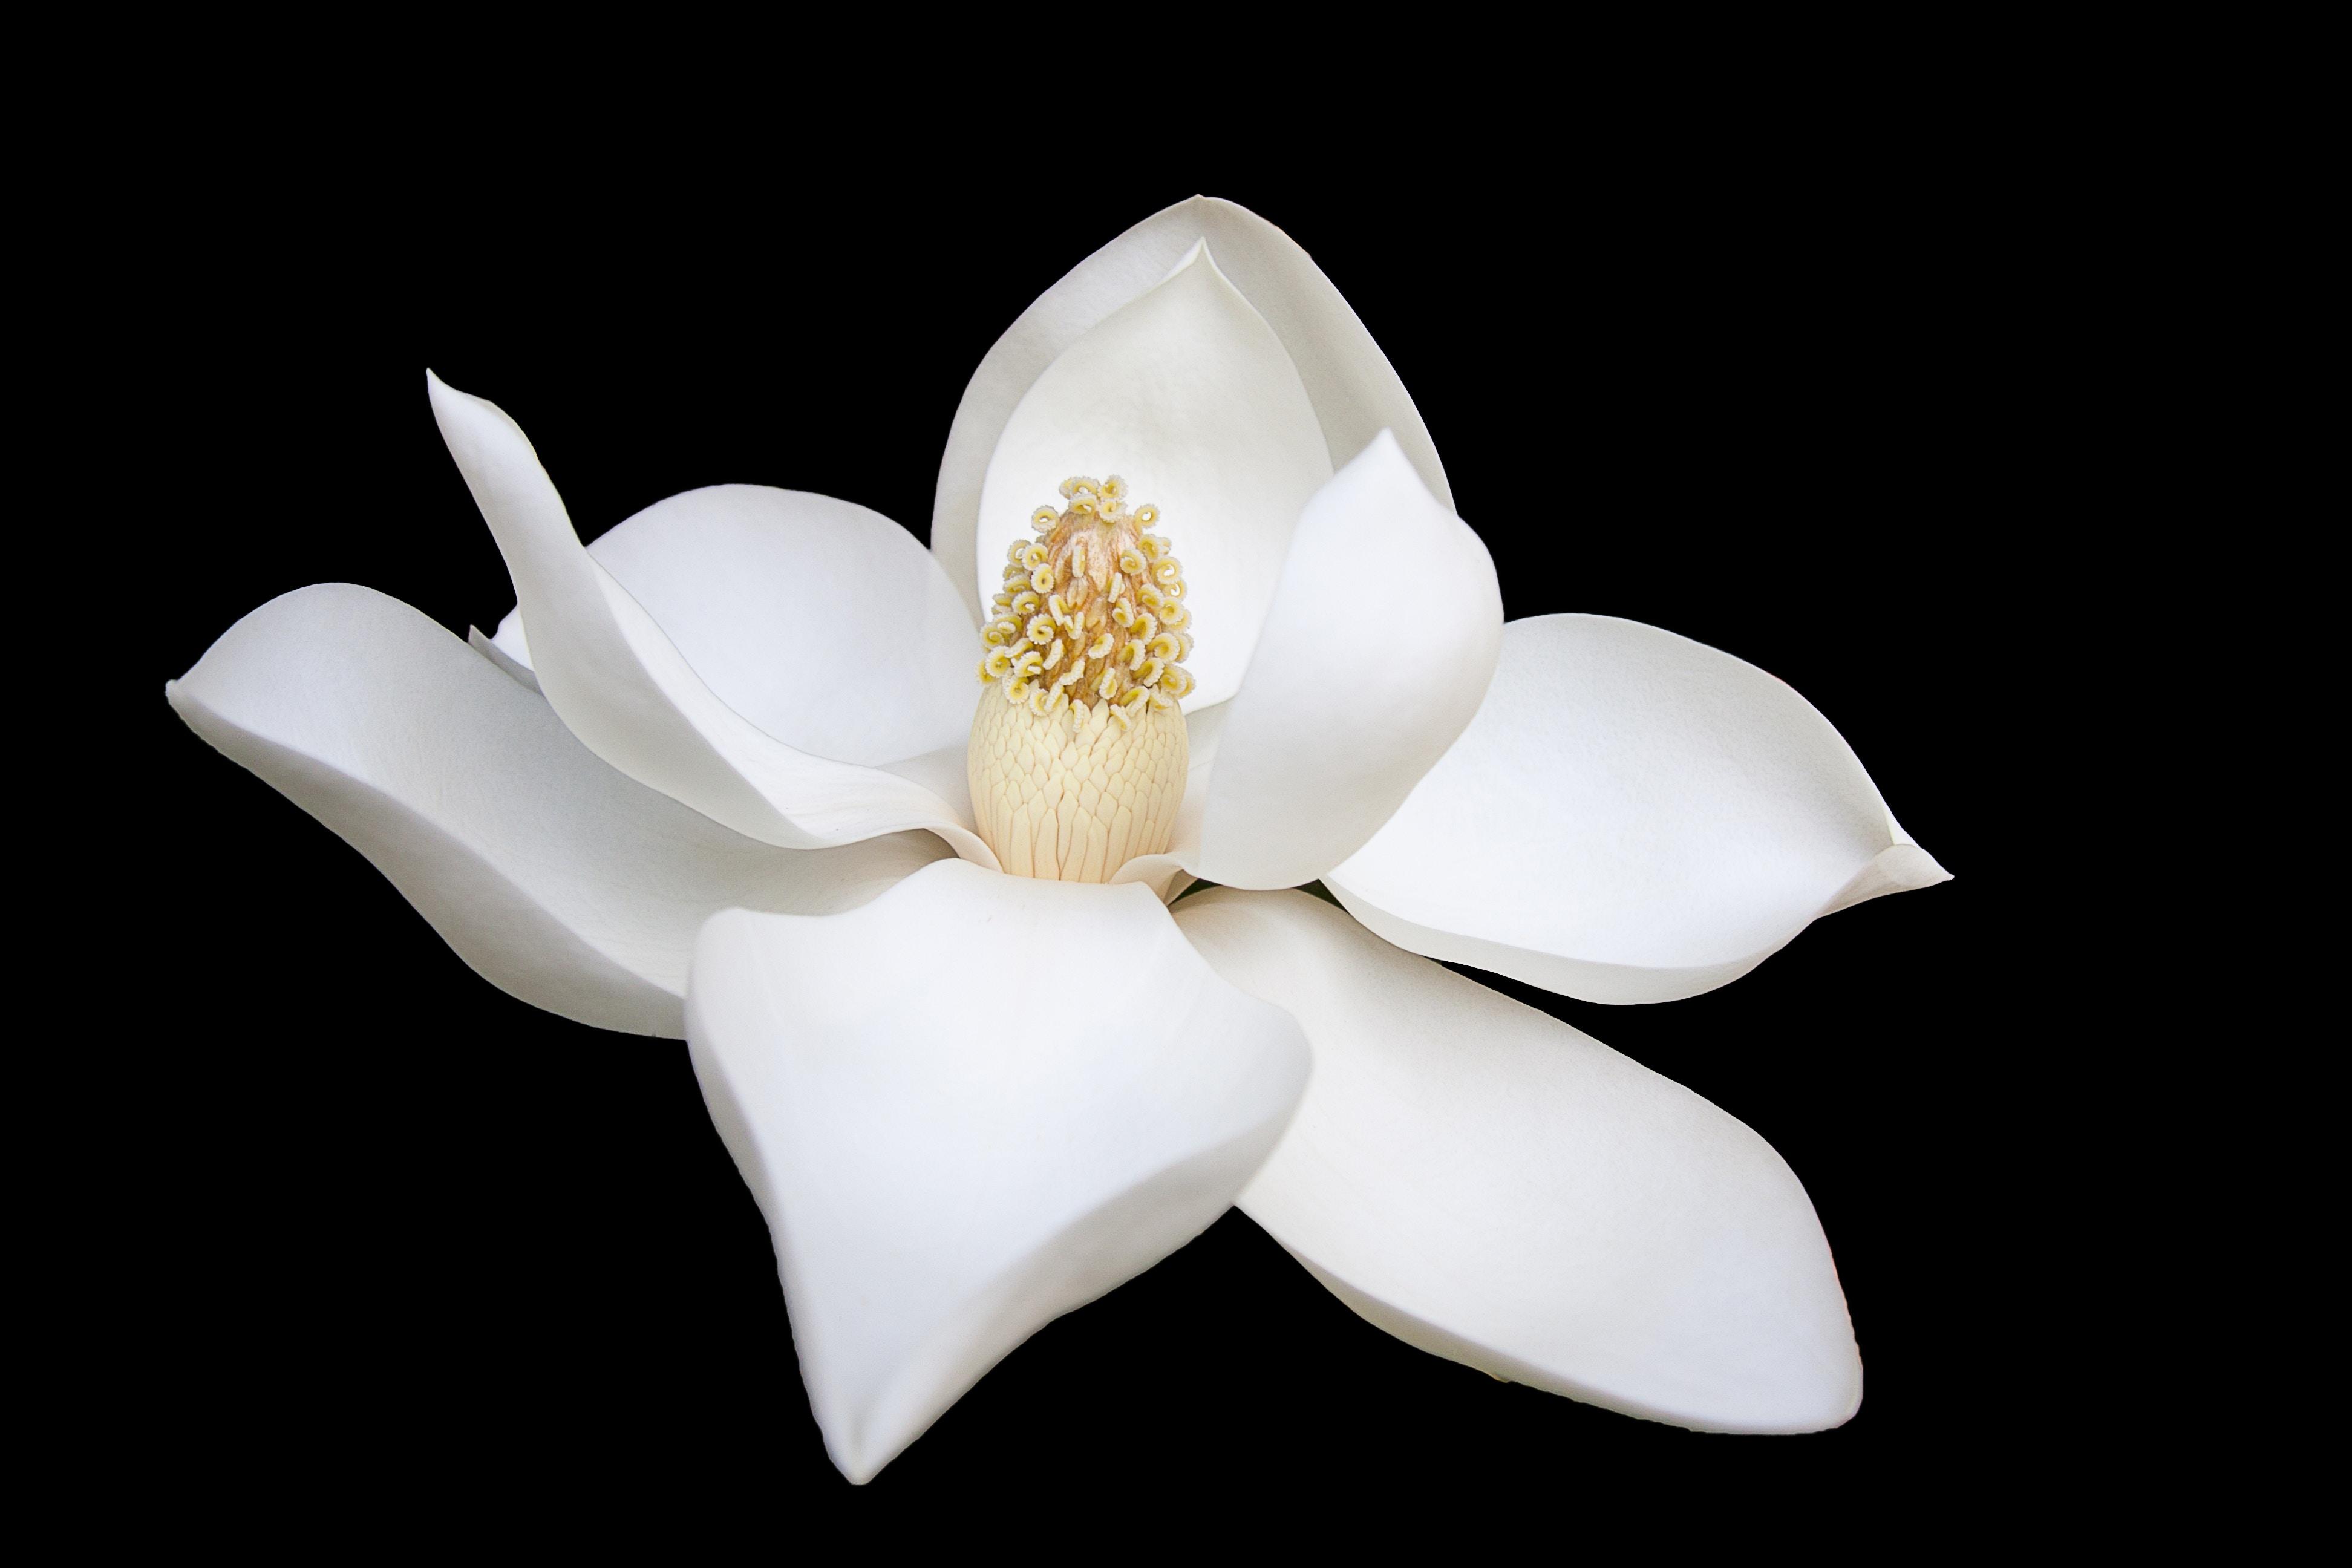 天邪鬼な人も本心はひとつ。たったひとつの花を大切に咲かせましょう